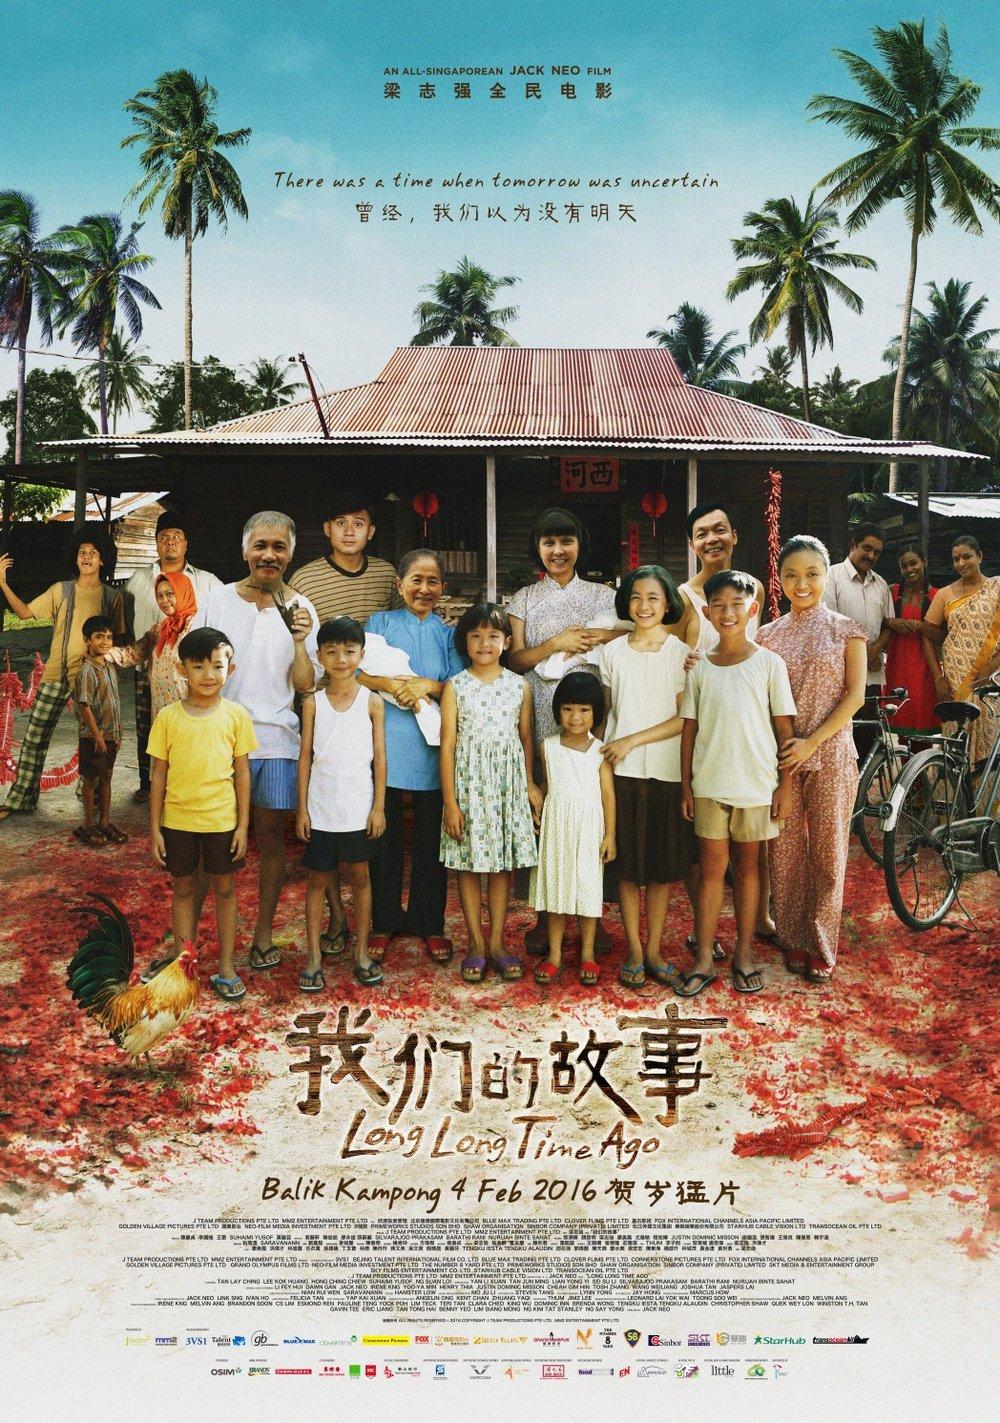 1512 LongLongTimeAgo Poster_2a.jpg